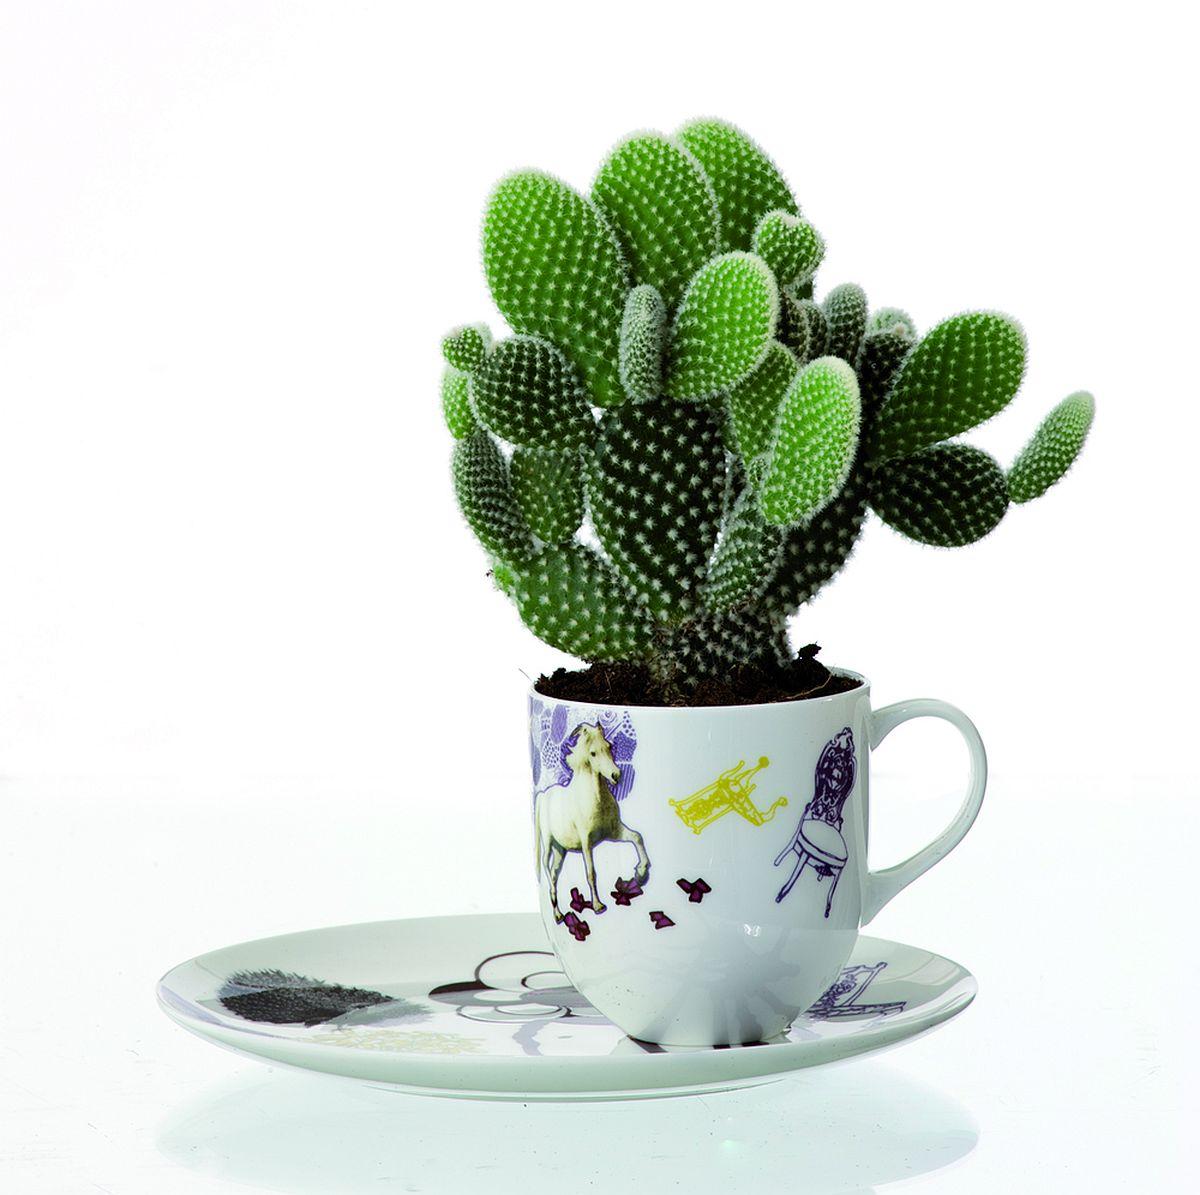 Un cactus plantat în ultima ceașcă rămasă întreagă din setul primit cadou poate fi ceva absolut inedit și surprinzător.